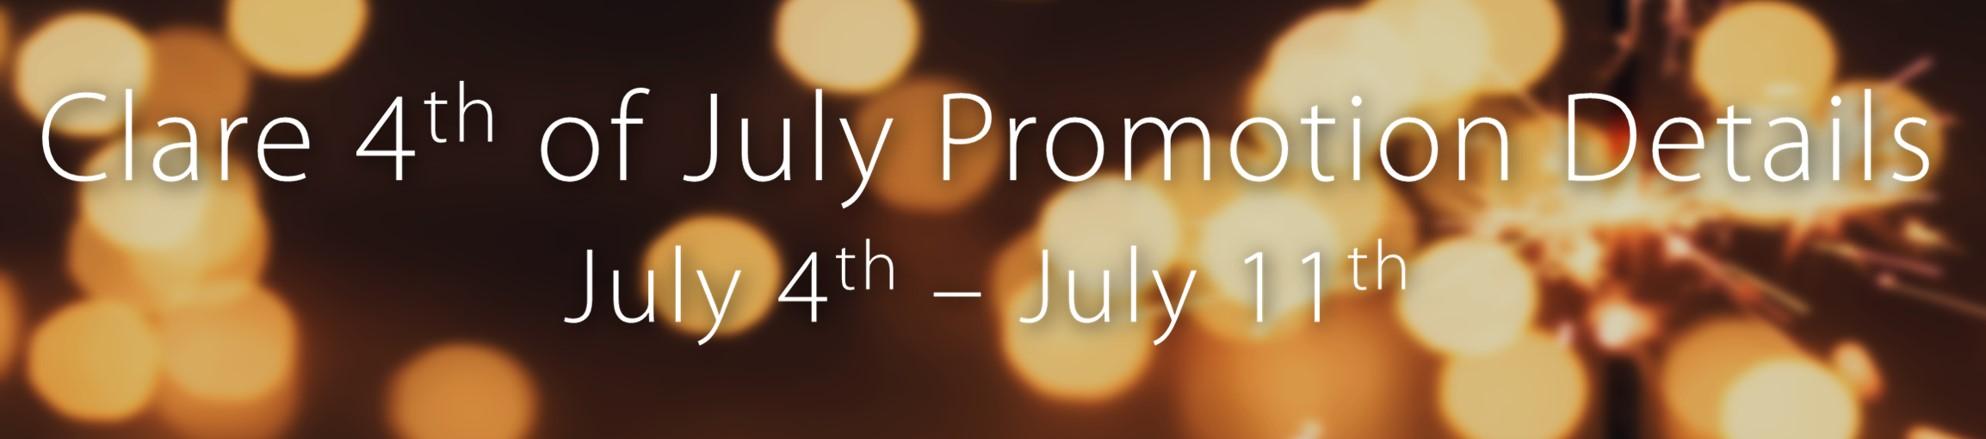 Dealer_News_4th_July_MCH_Promotion